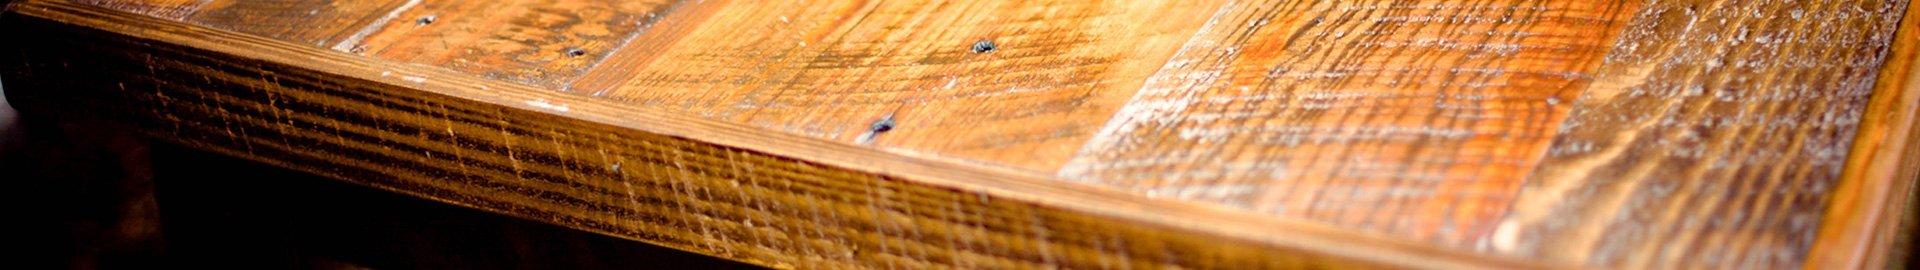 Шпаклівка для деревини